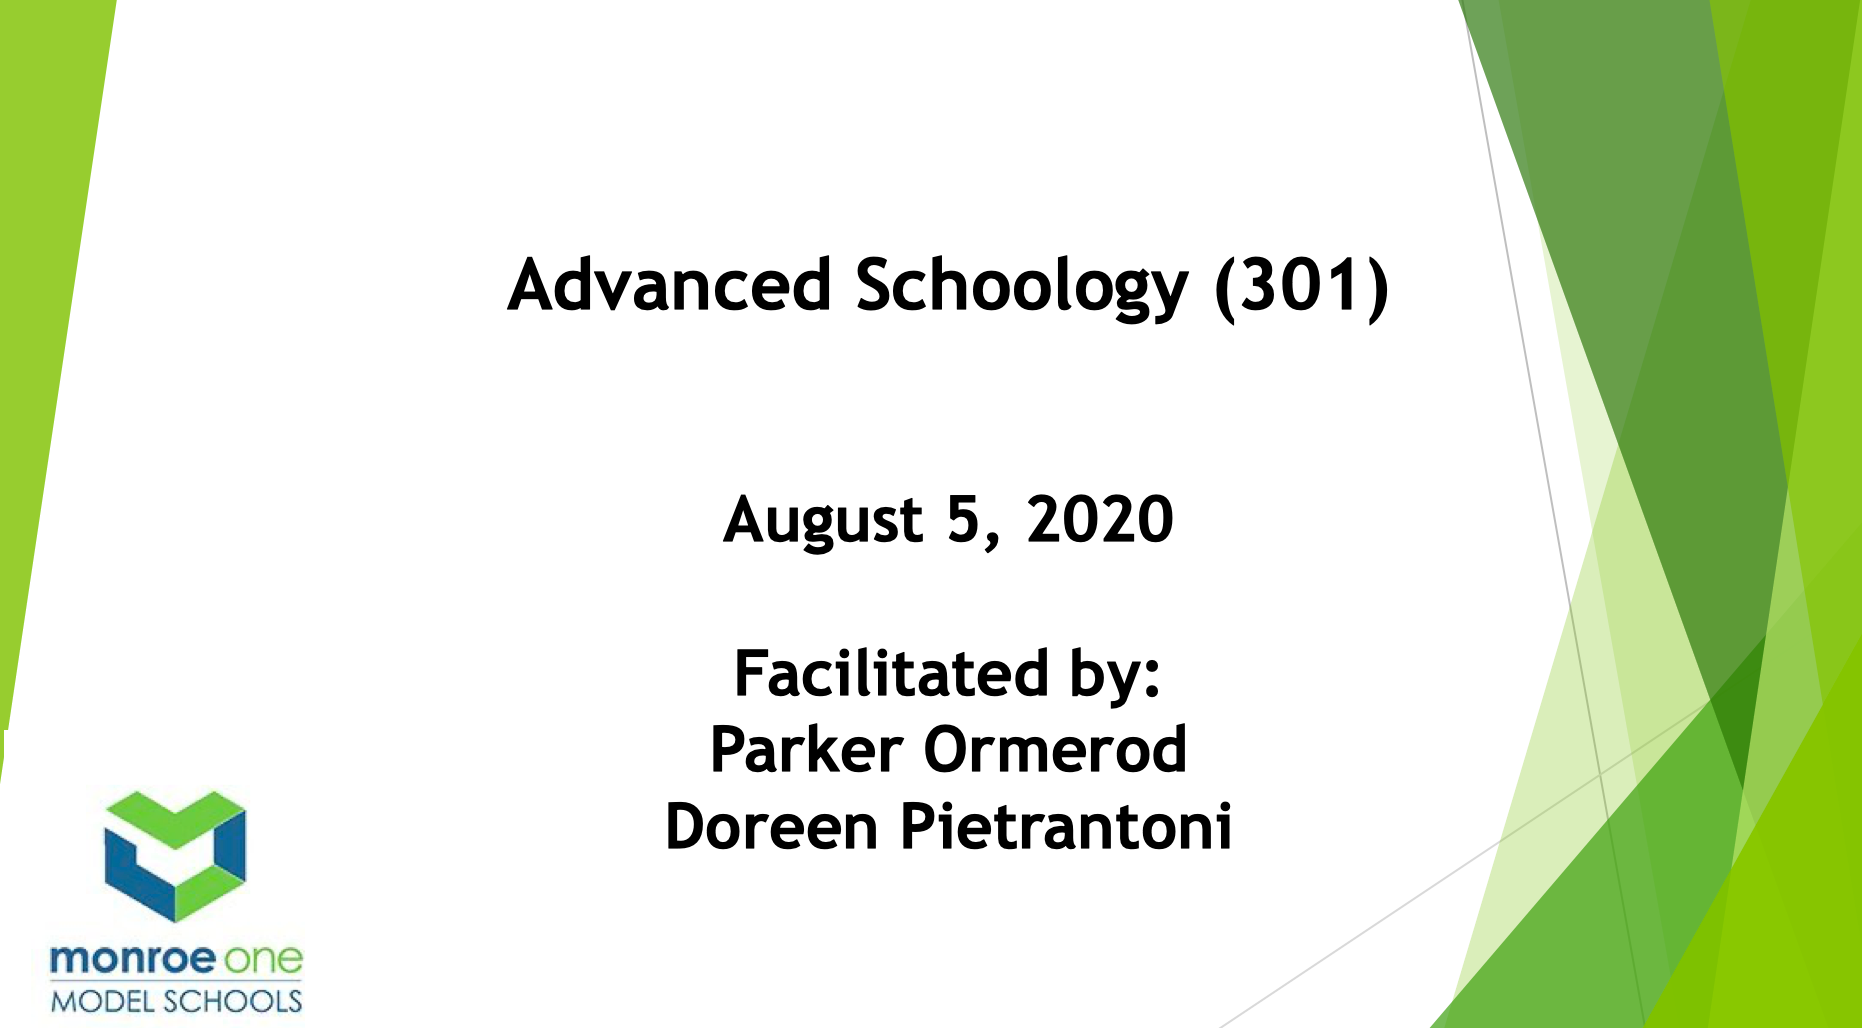 Advanced Schoology